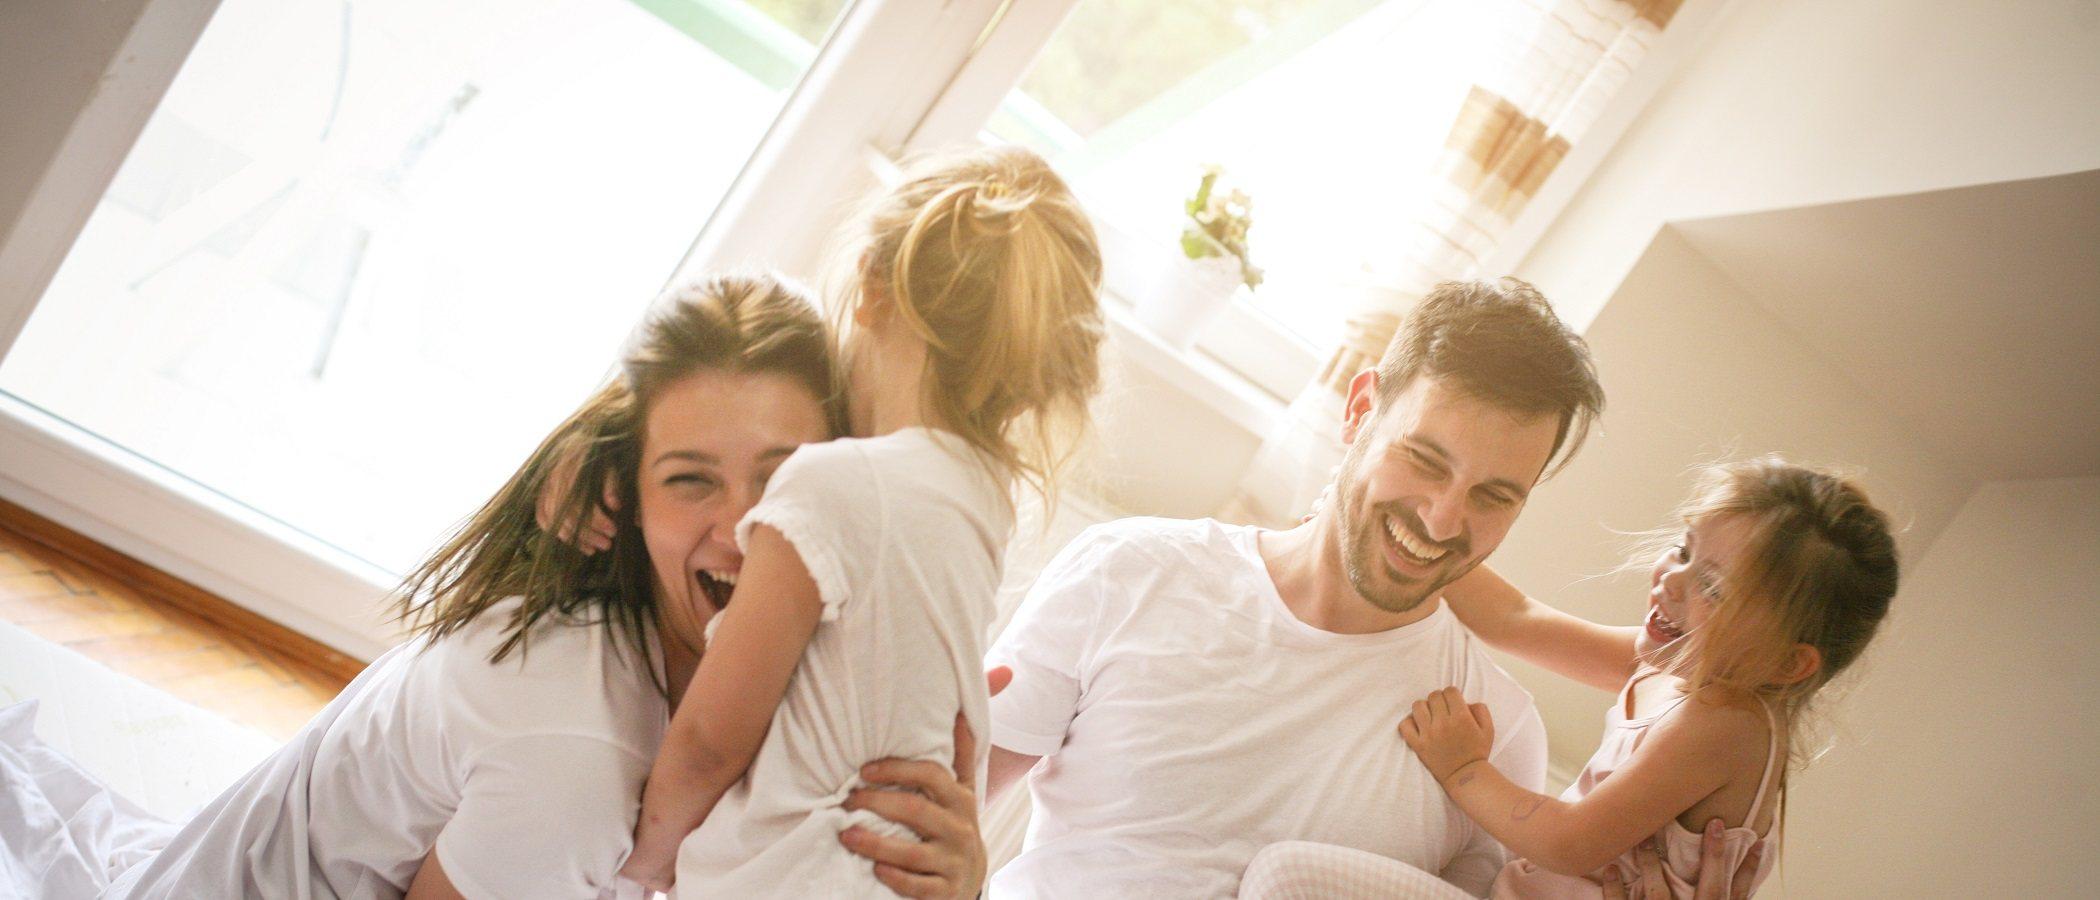 Cómo construir un ambiente familiar positivo con la conectividad familiar